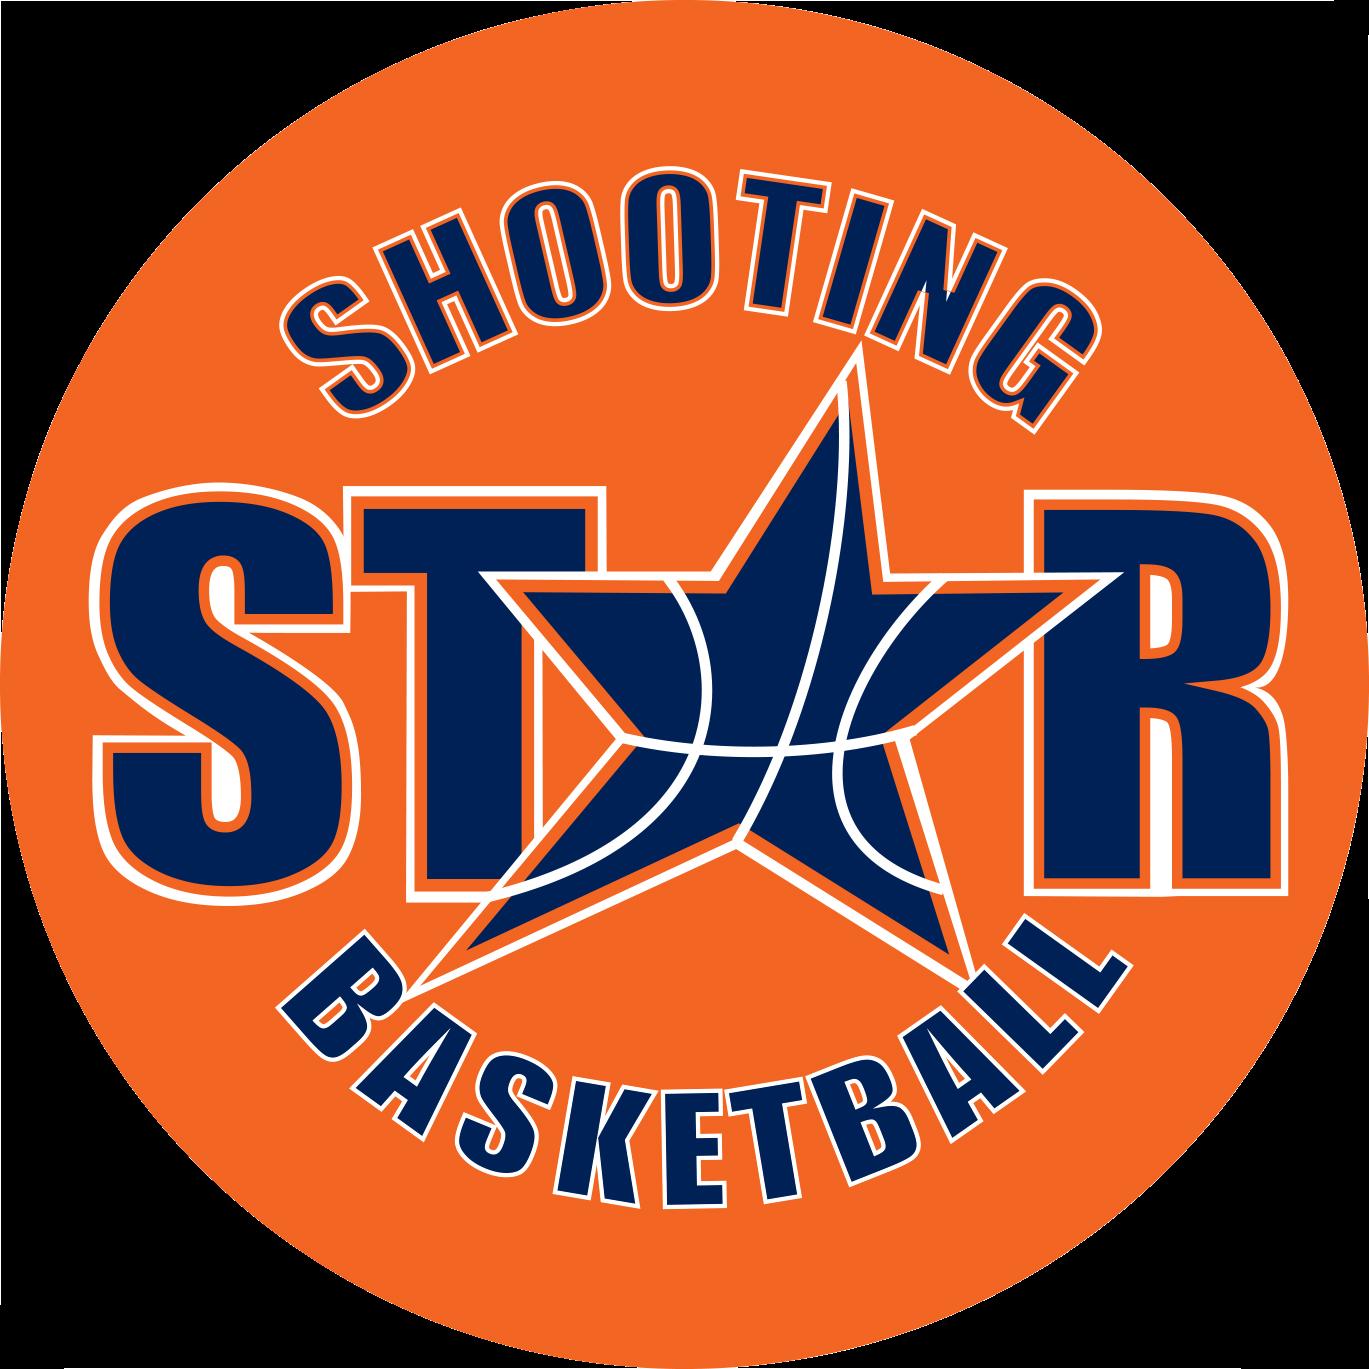 Shooting Star Basketball